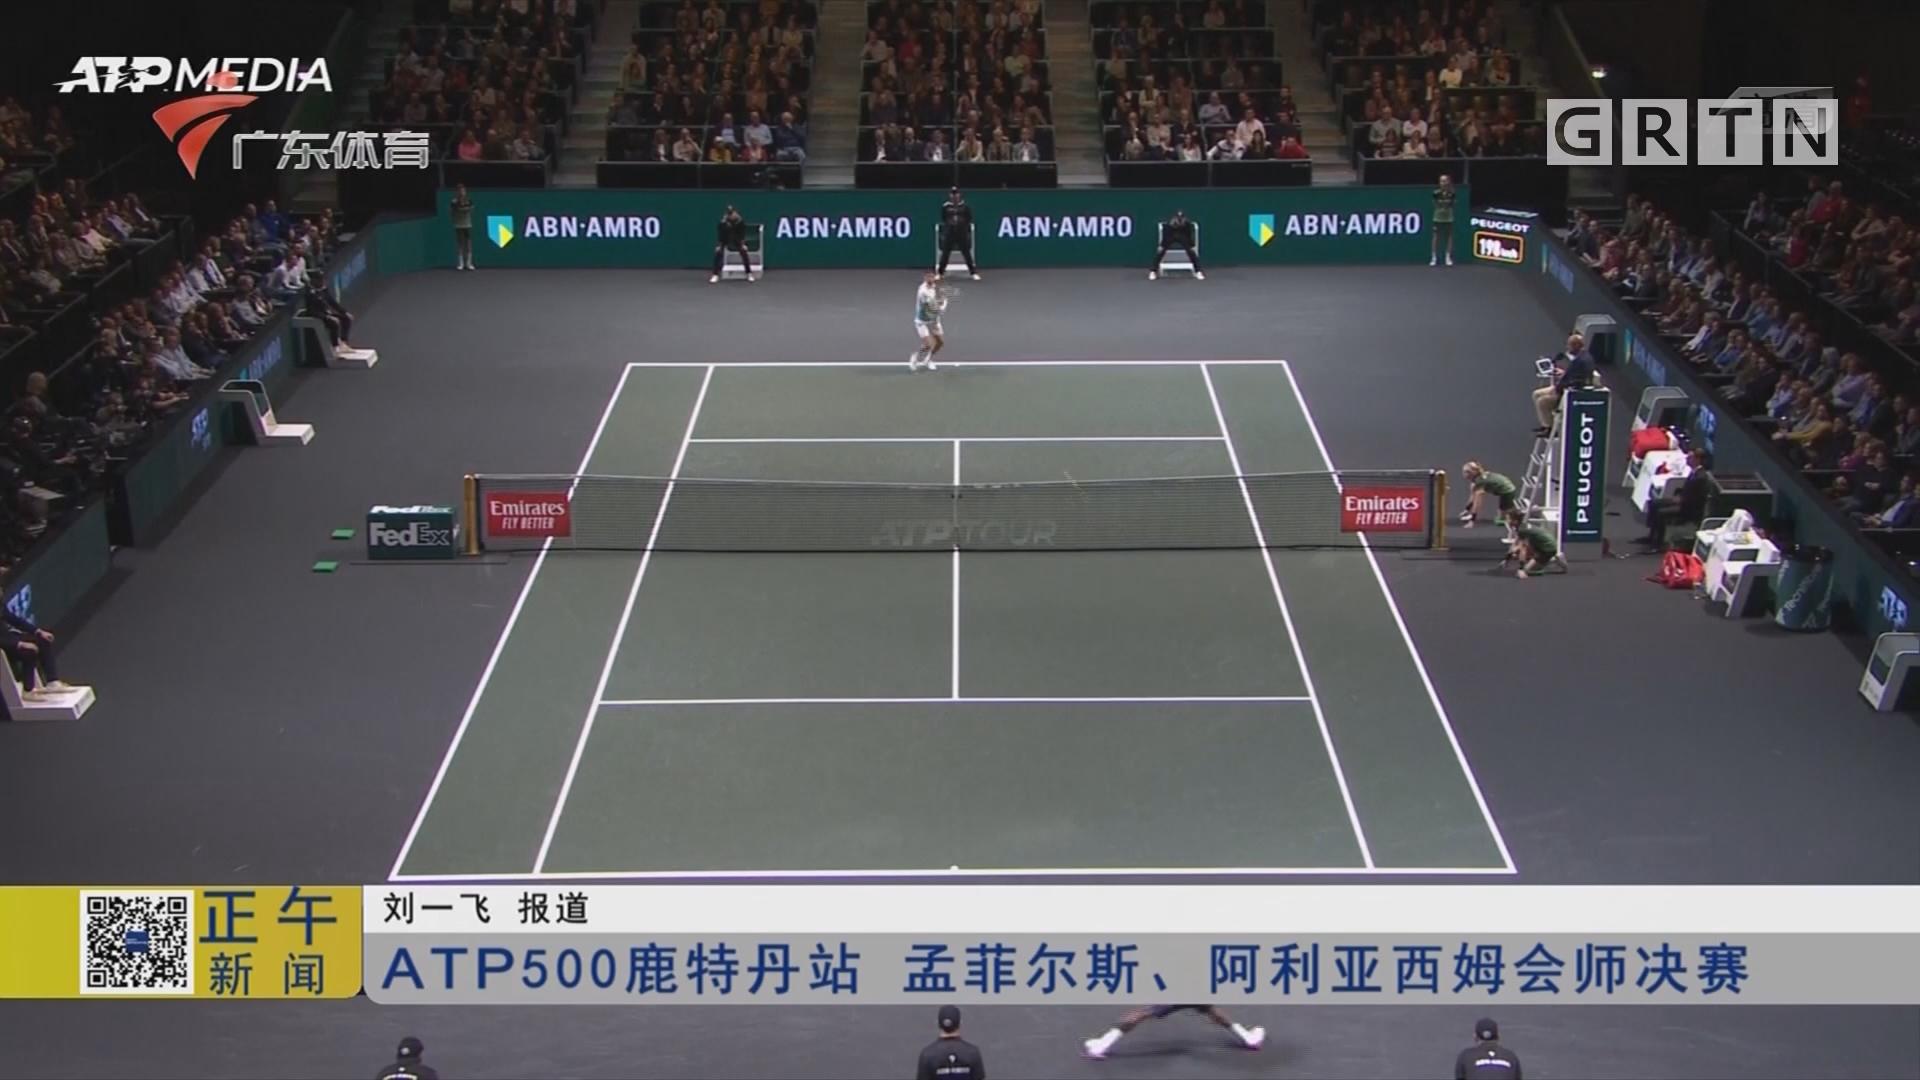 ATP500鹿特丹站 孟菲尔斯、阿利亚西姆会师决赛